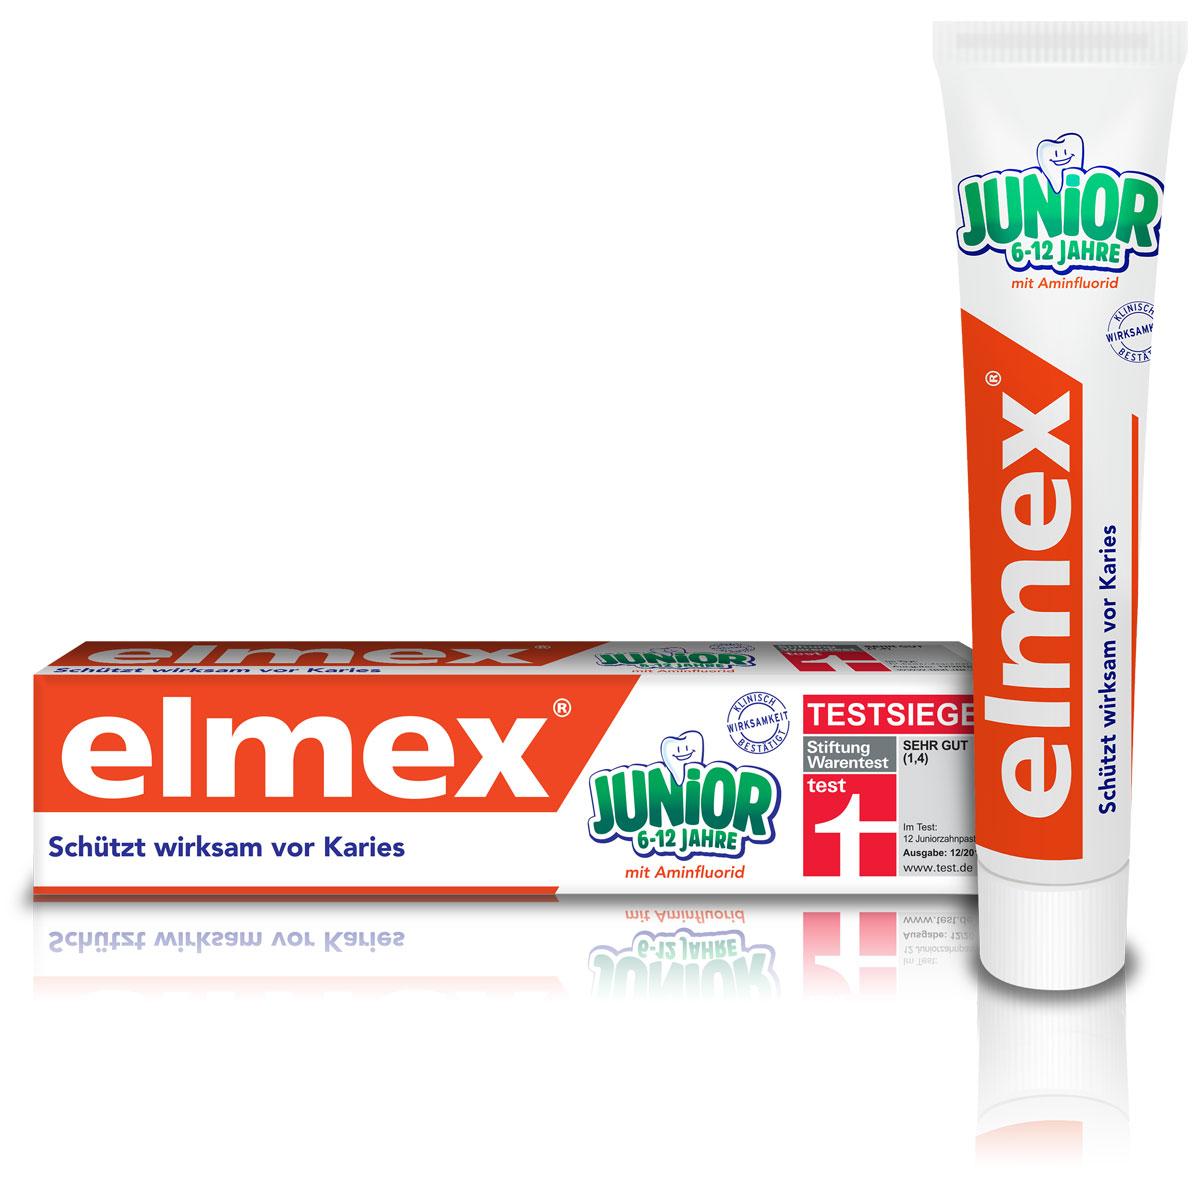 Colgate Зубная паста Elmex Юниор, детская, для детей от 6 до 12 лет, 75 мл гигиена полости рта babyline детская зубная паста со вкусом тутти фрутти 75 мл от 2 6 лет